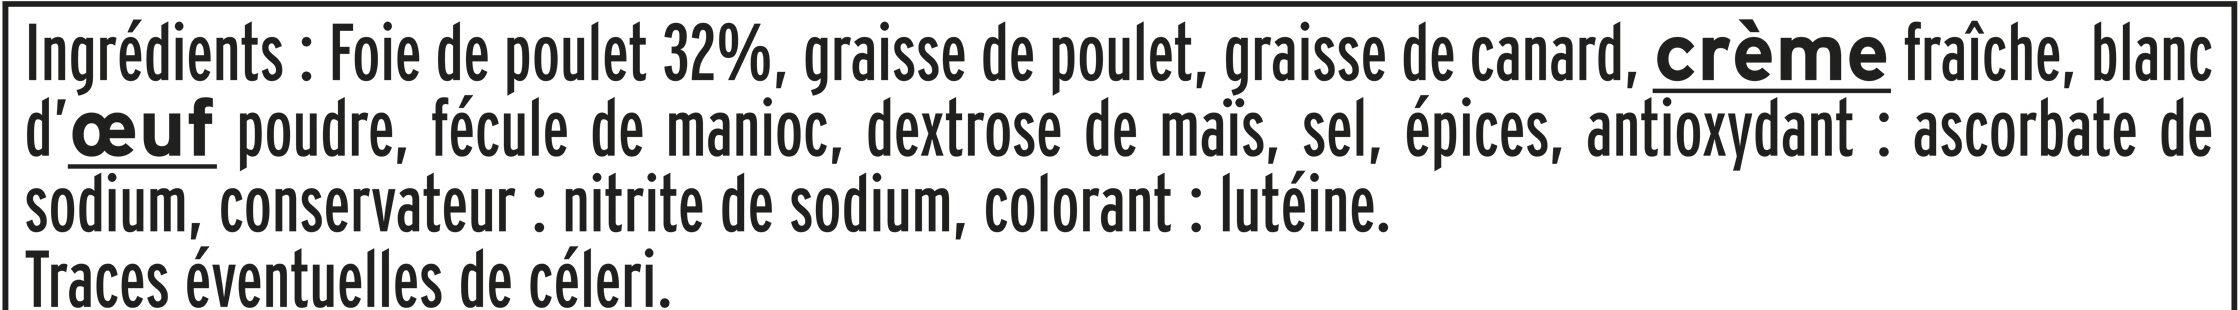 Mousse de foie de volaille halal - 180 g. - Ingrédients - fr